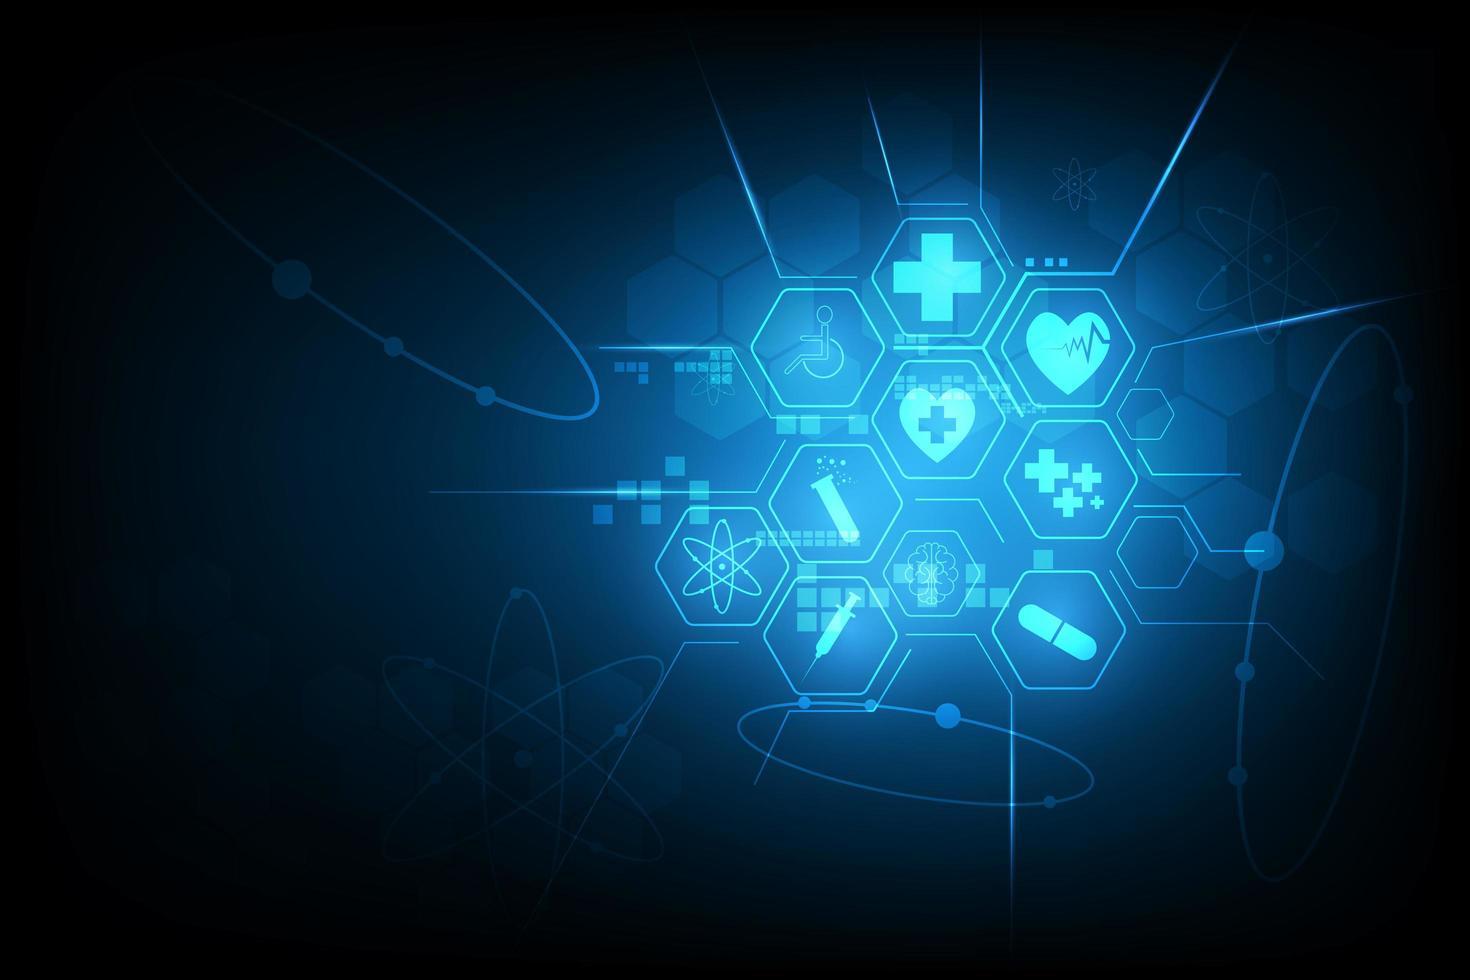 conception d'icône médicale rouge hexagone bleu vecteur